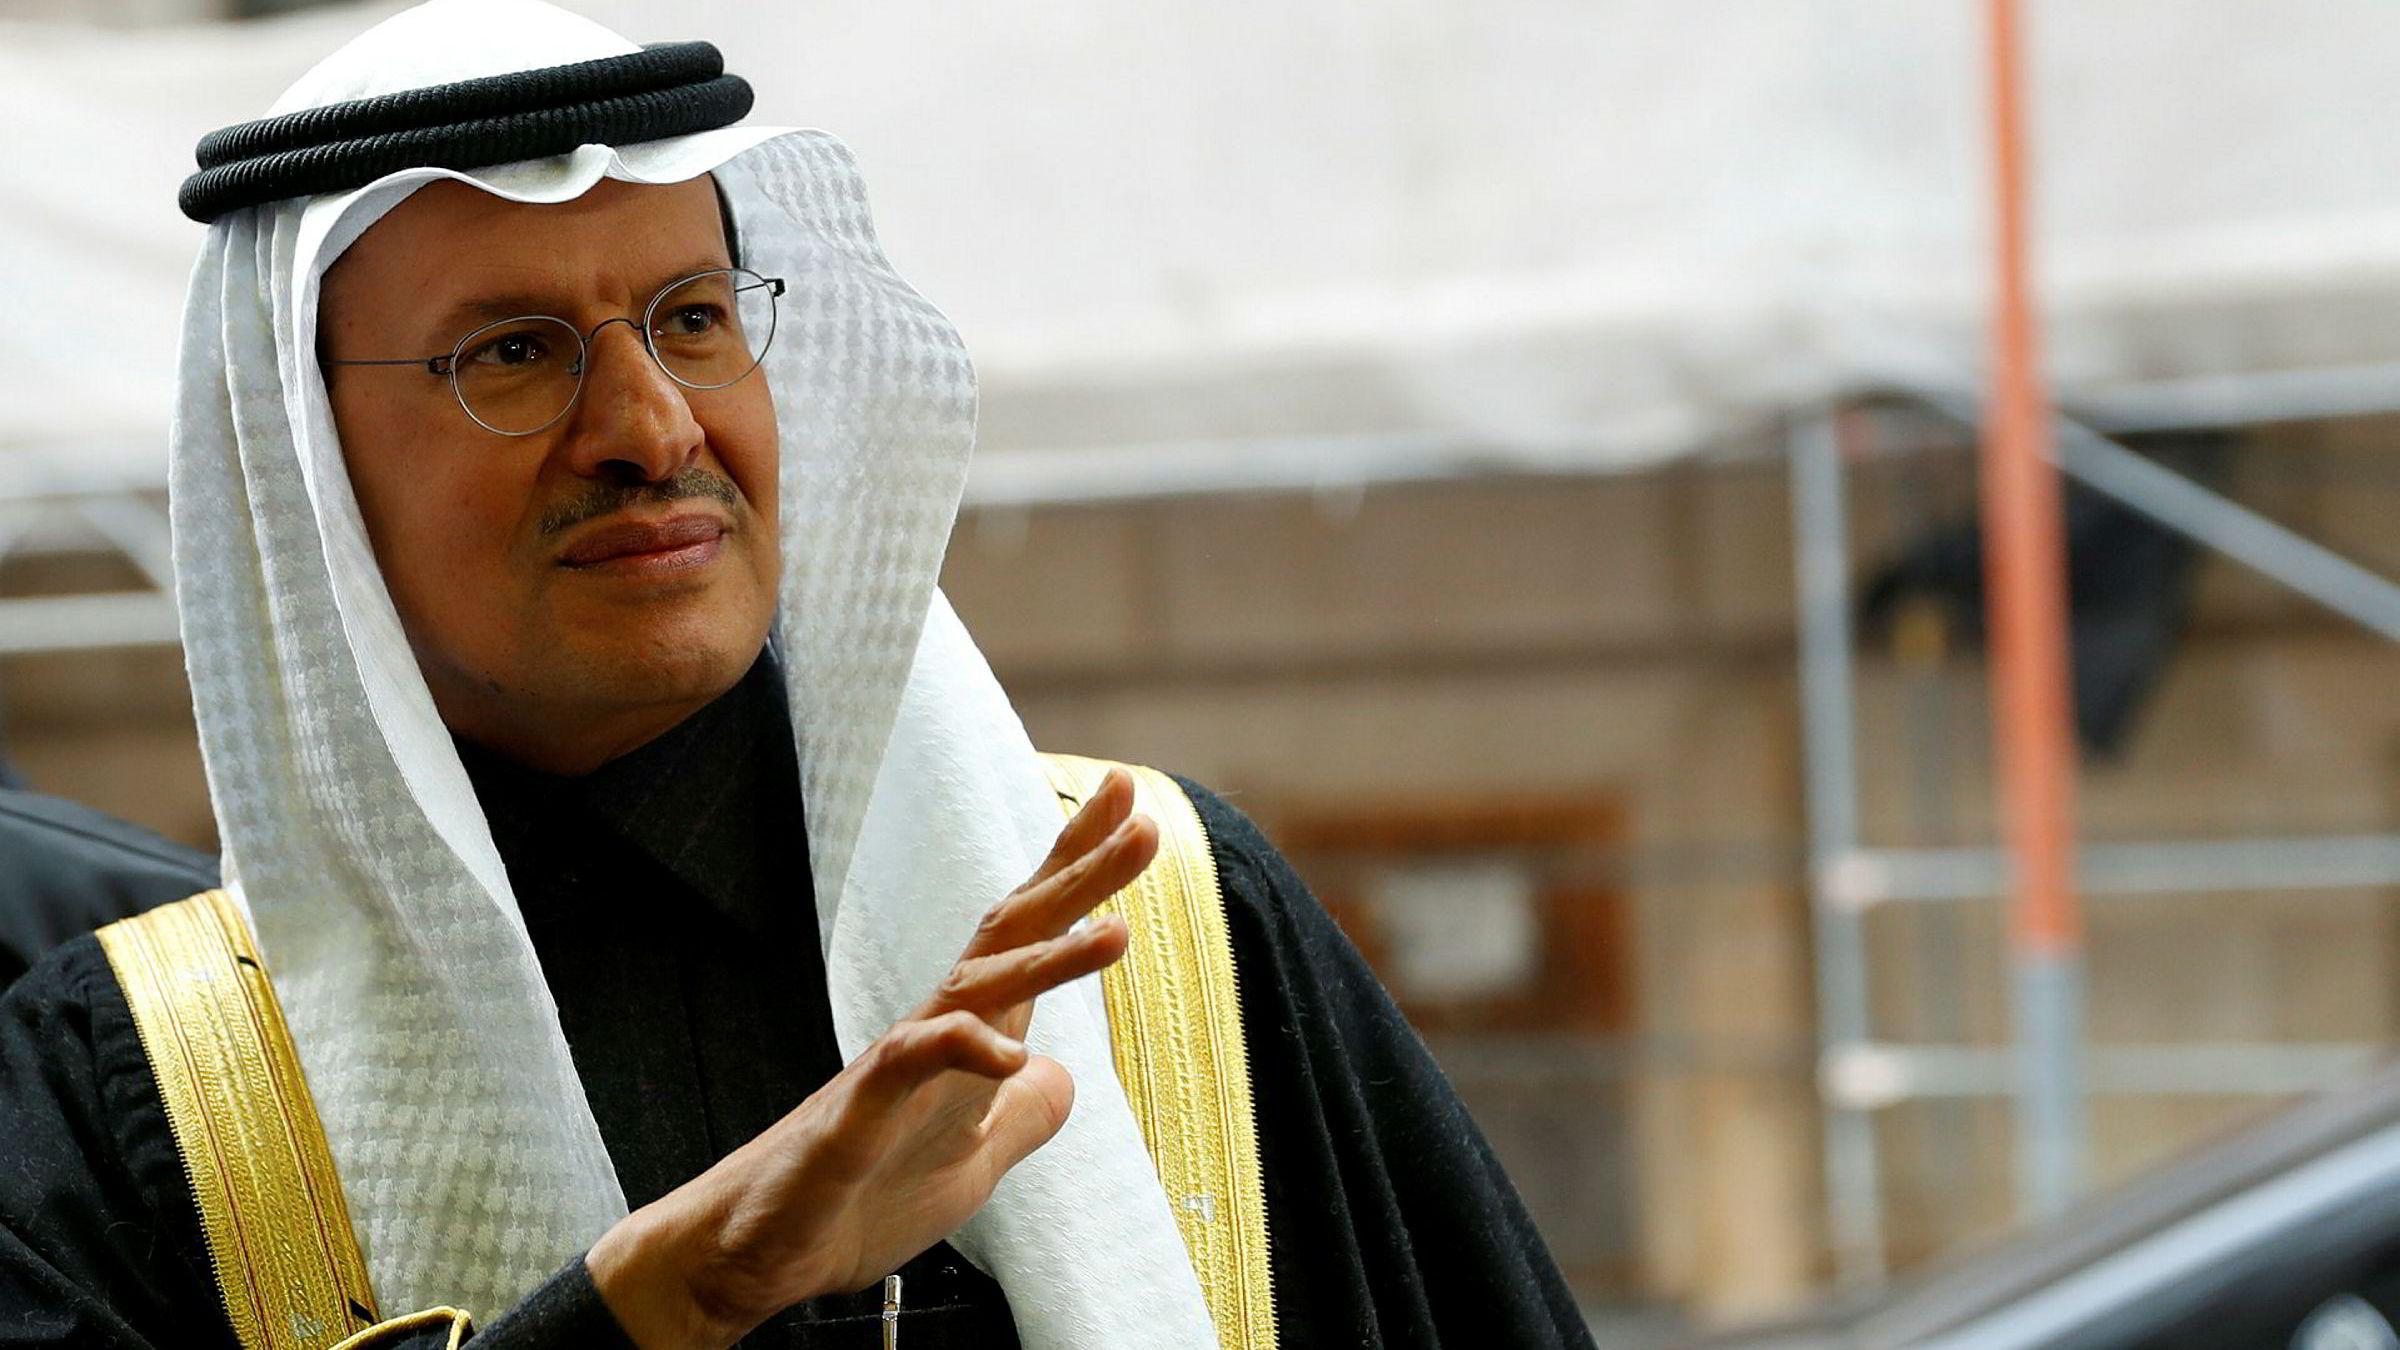 Saudi Arabias oljeminister Abdulaziz Salman ankommer Opecs hovedkvarter i Wien i Østerrike torsdag.